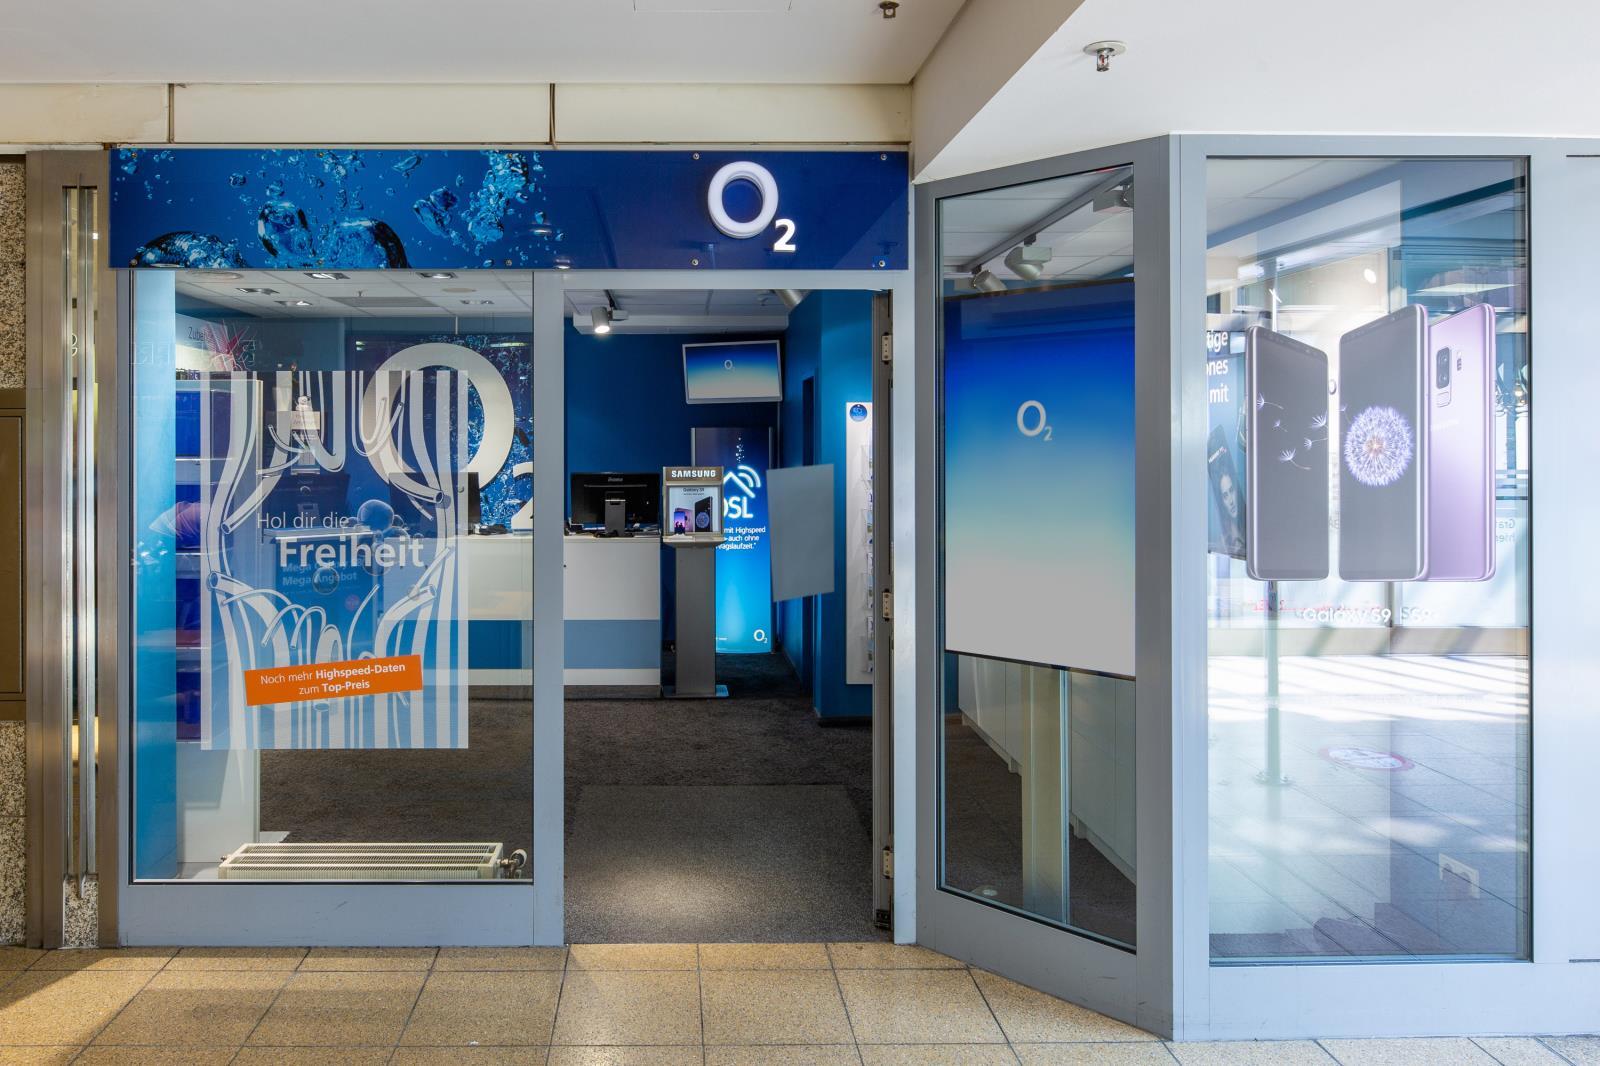 o2 Shop, Senftenberger Ring 17 in Berlin